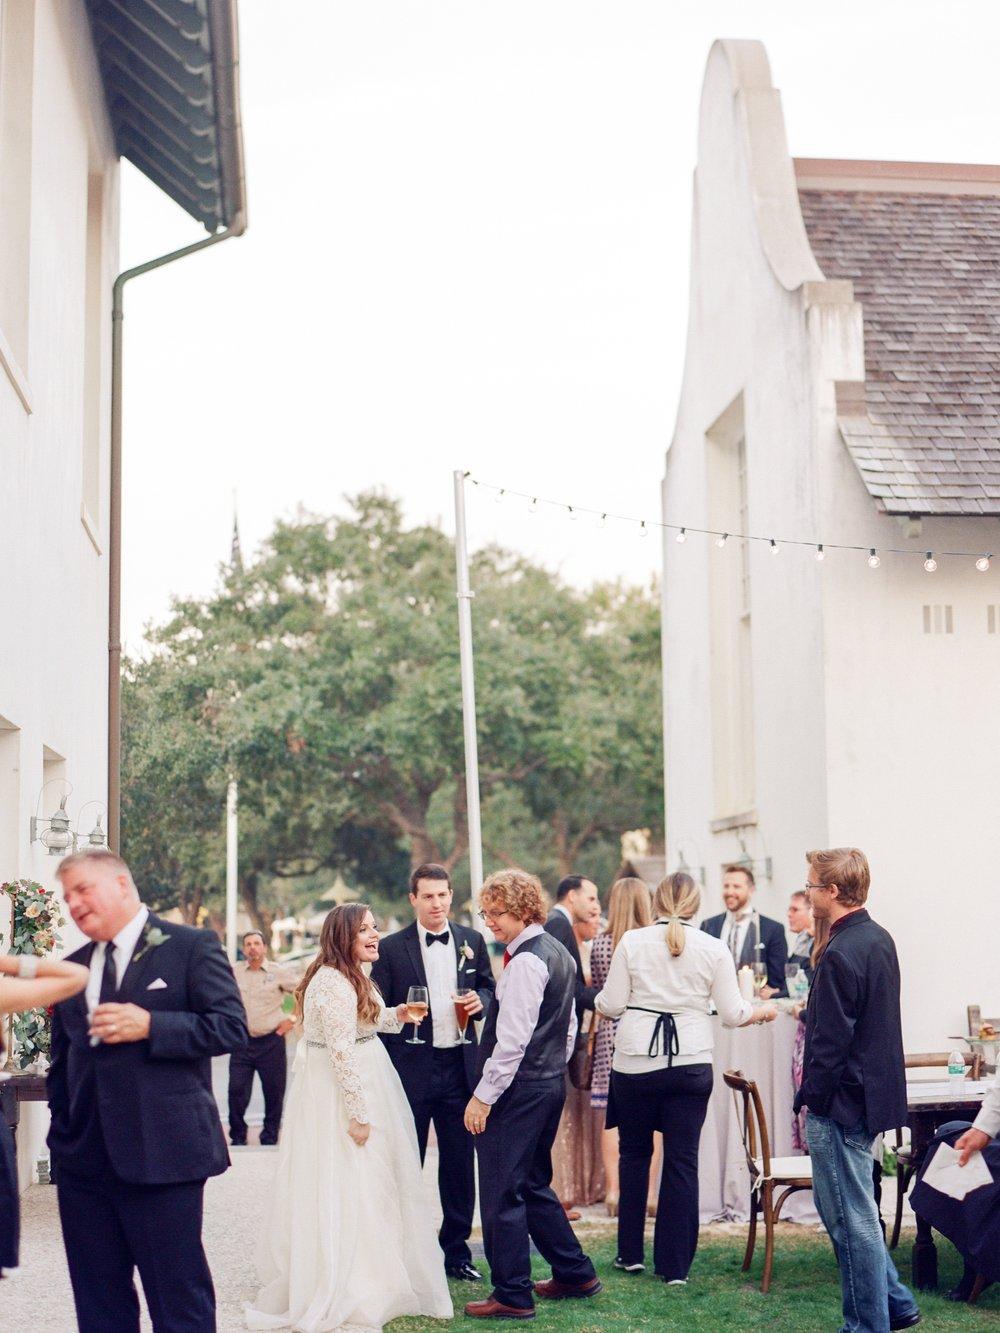 rosemary_beach_wedding_photographer_shannon_griffin_0042.jpg